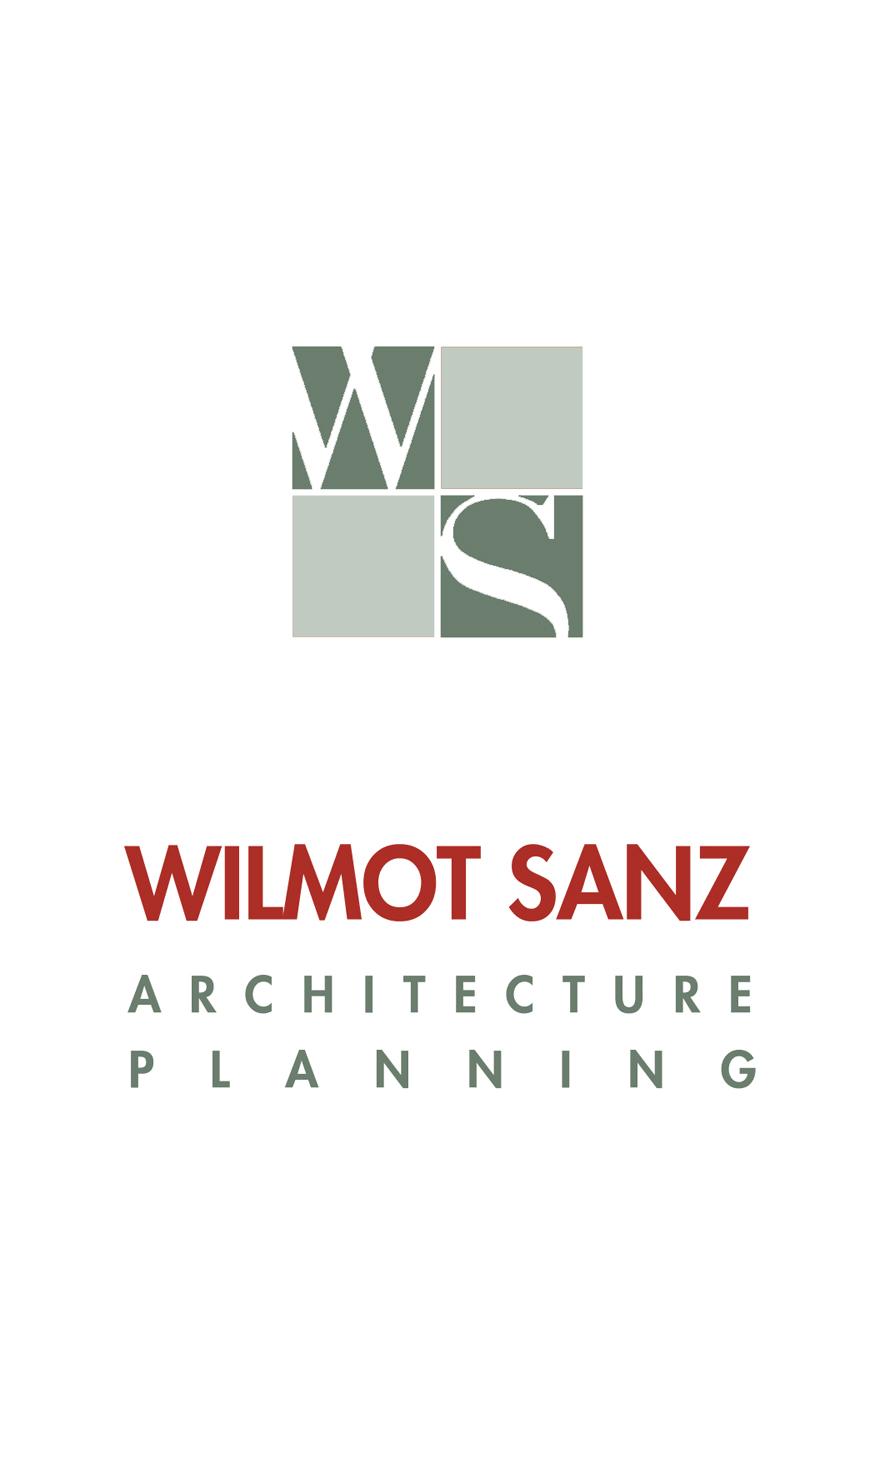 Wilmot Sanz Architecture Planning